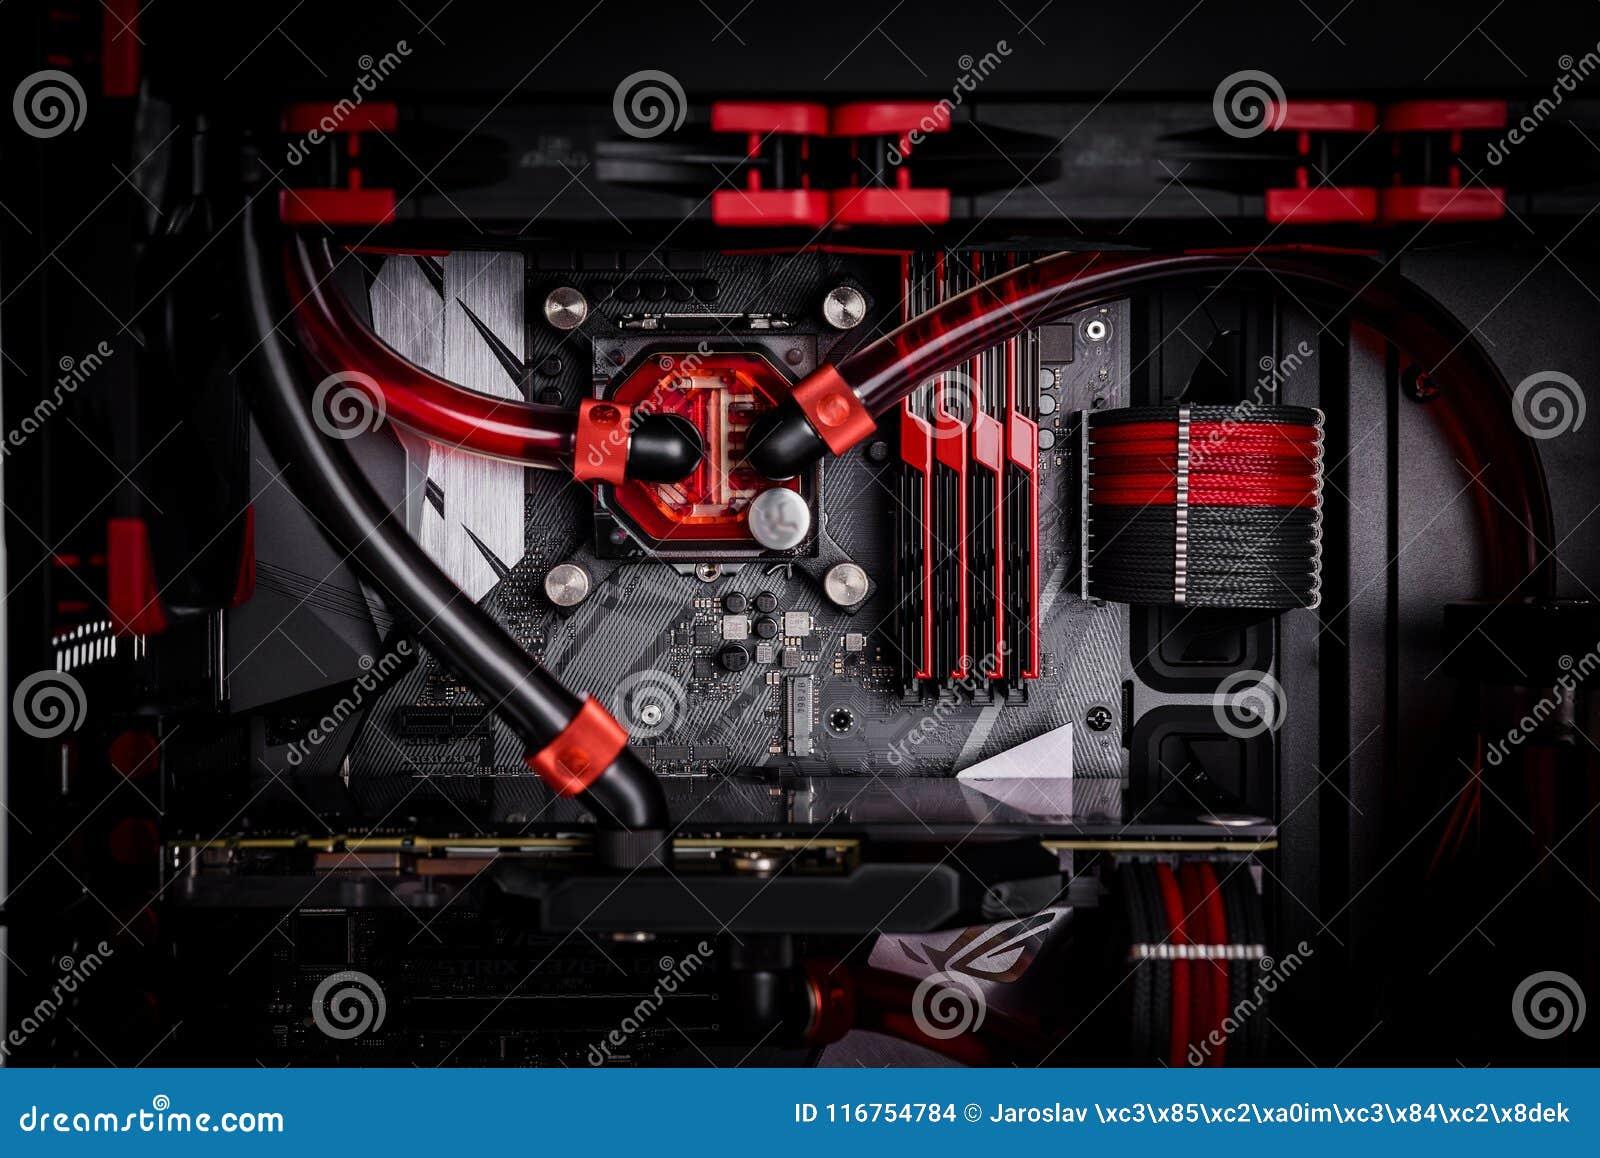 Abra seu computador com um sistema de refrigeração da água, um processador, uma placa gráfica, um fã do cartão-matriz